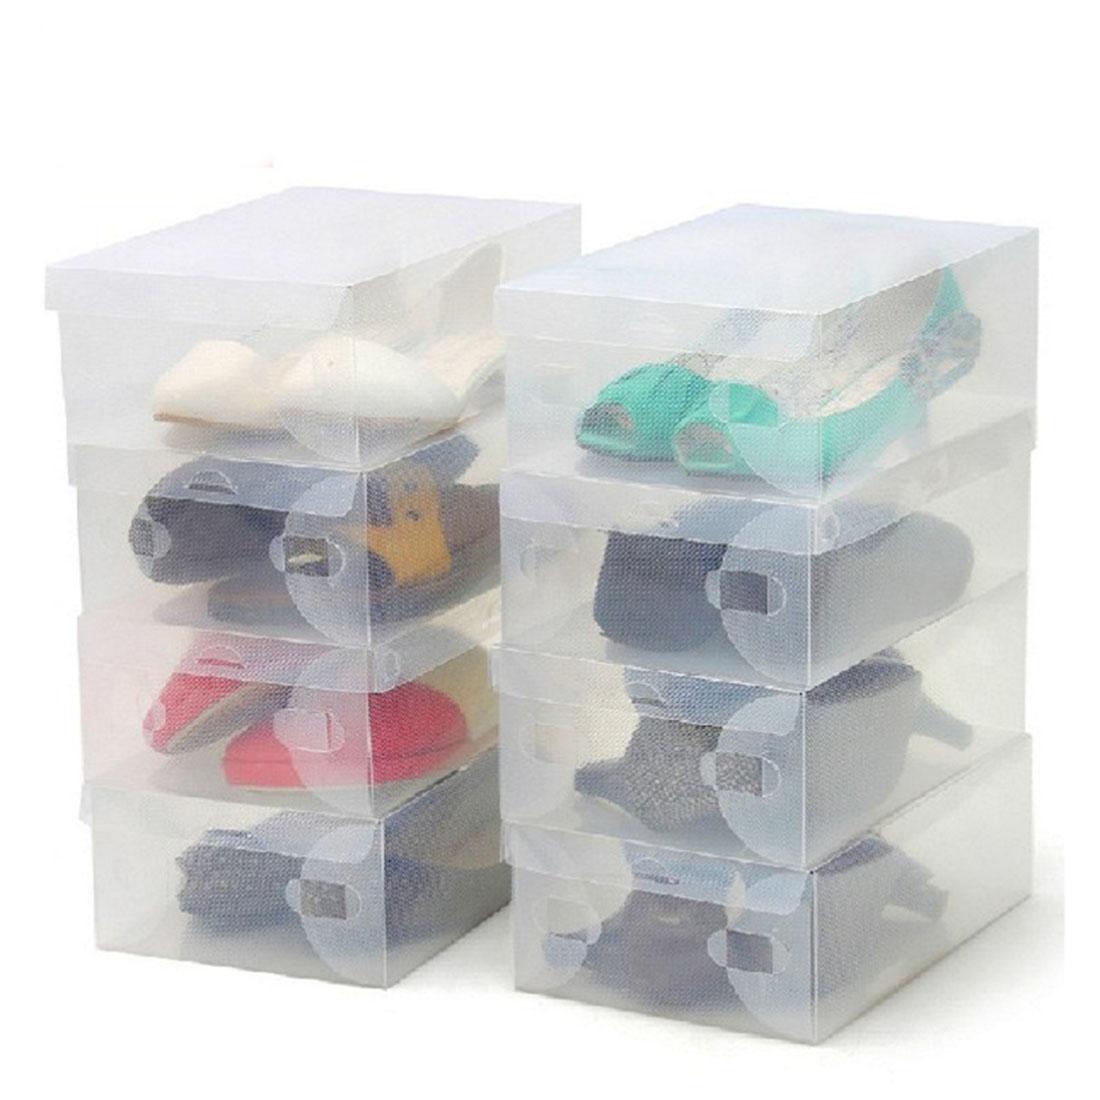 Compra Caja De Almacenamiento De Zapatos De Pl Aacute Stico Online  ~ Cajas Transparentes Para Zapatos